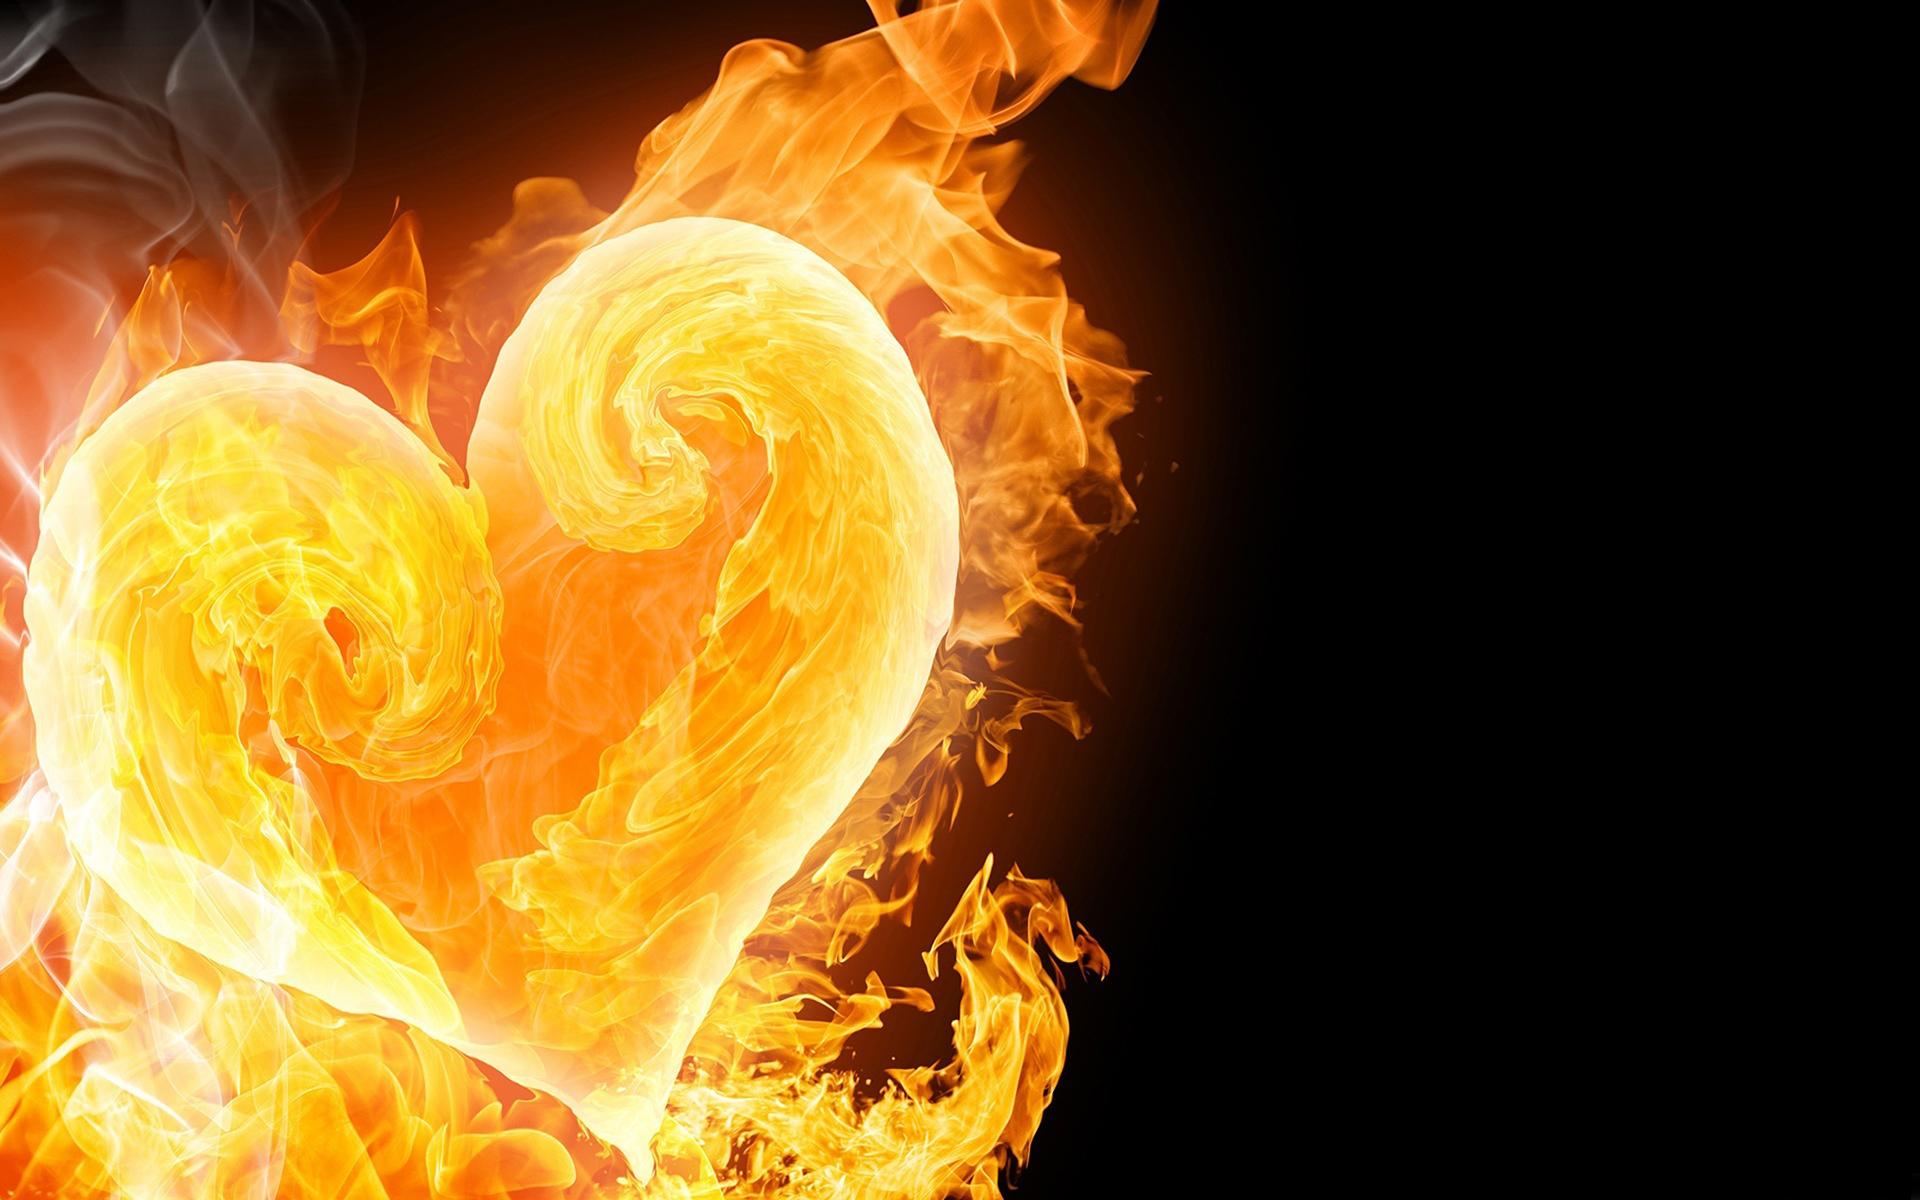 Hình nền trái tim lửa